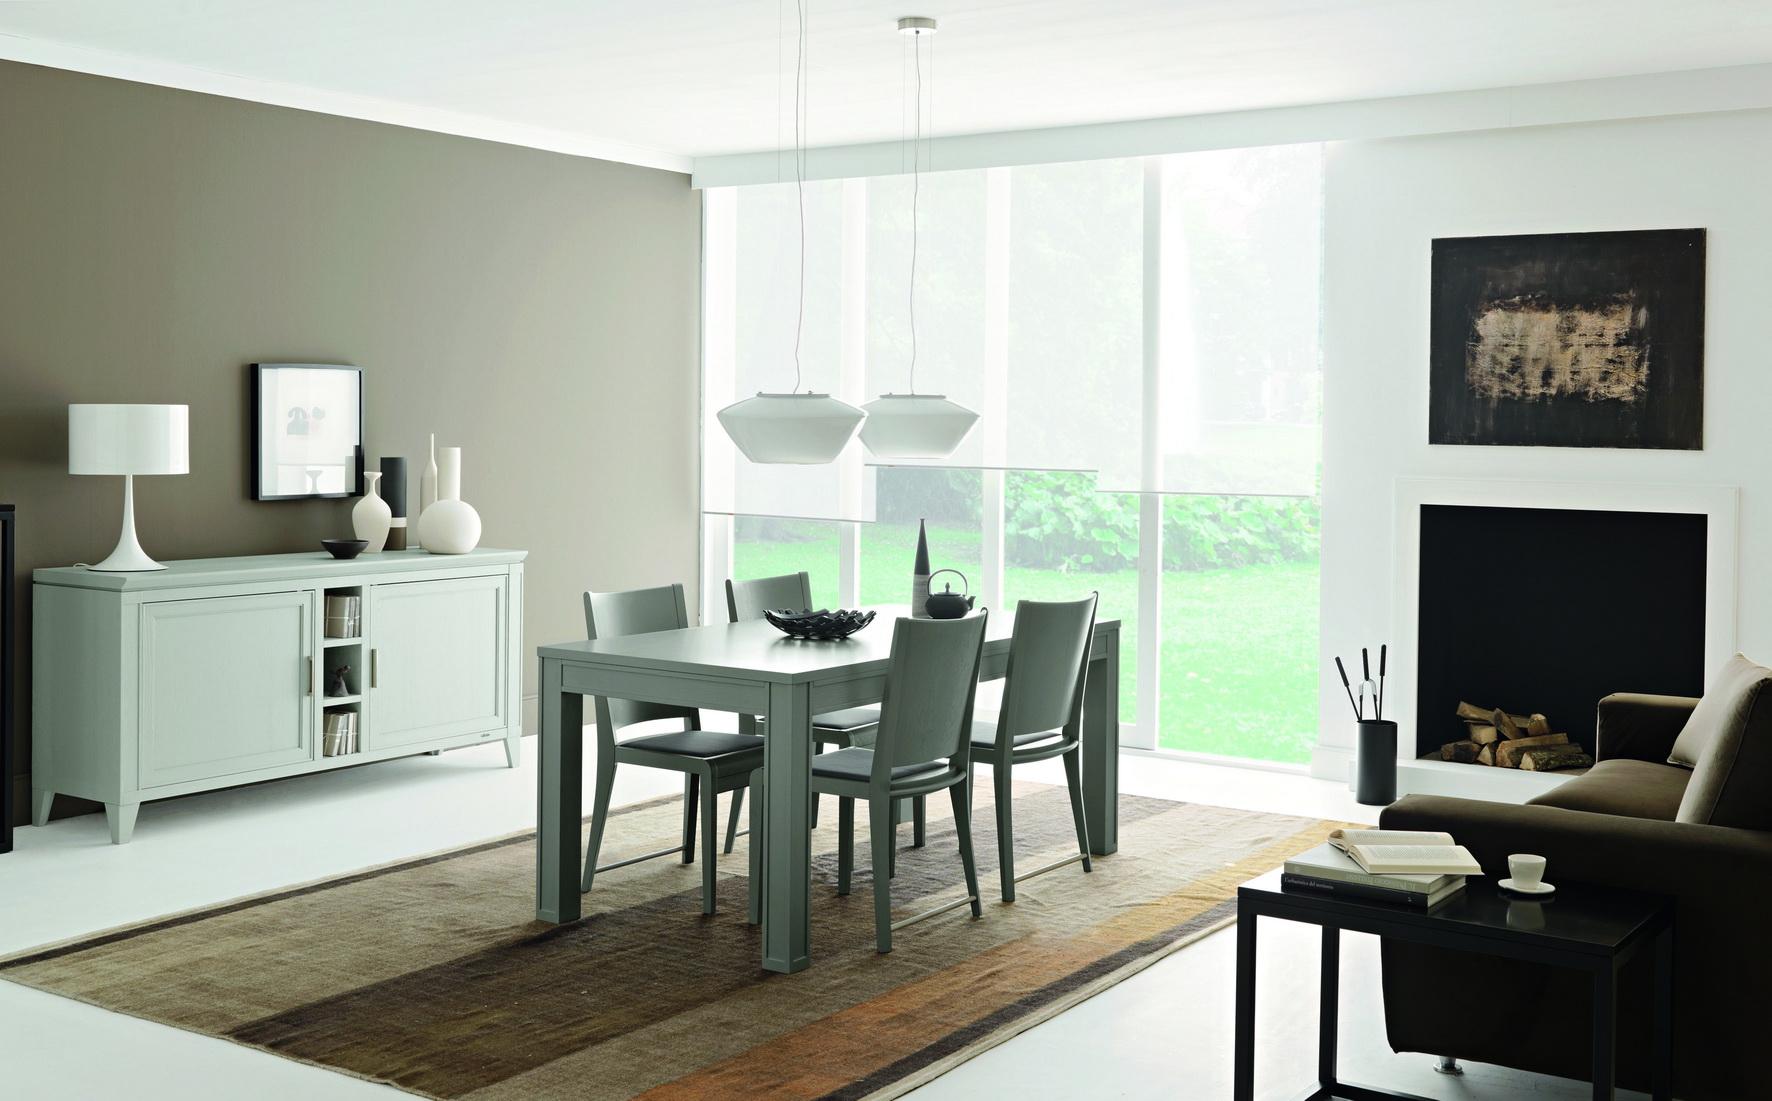 Tavolo e sedie lf10066 c4 home arredamenti cosenza for Tavolo e sedie